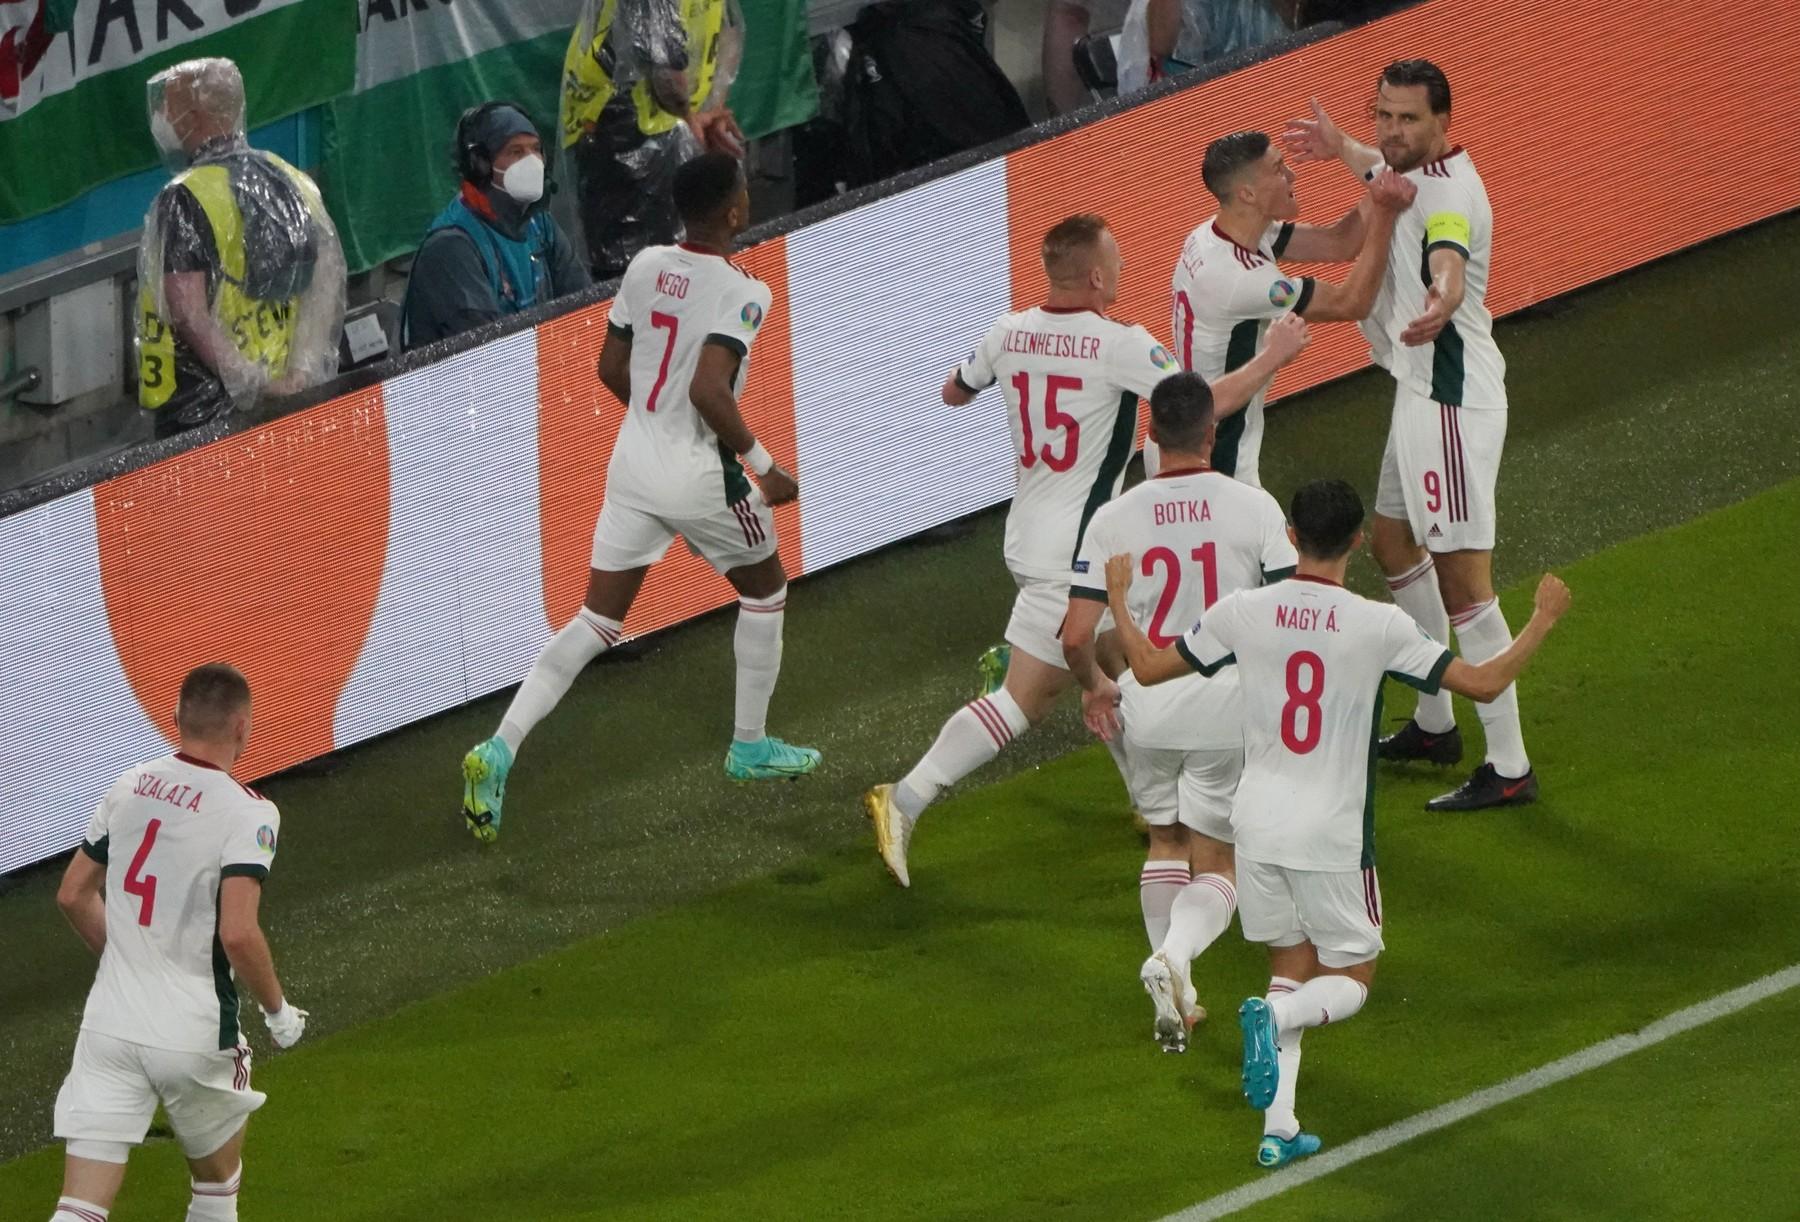 Germania – Ungaria/Sursa foto: Profimedia Images